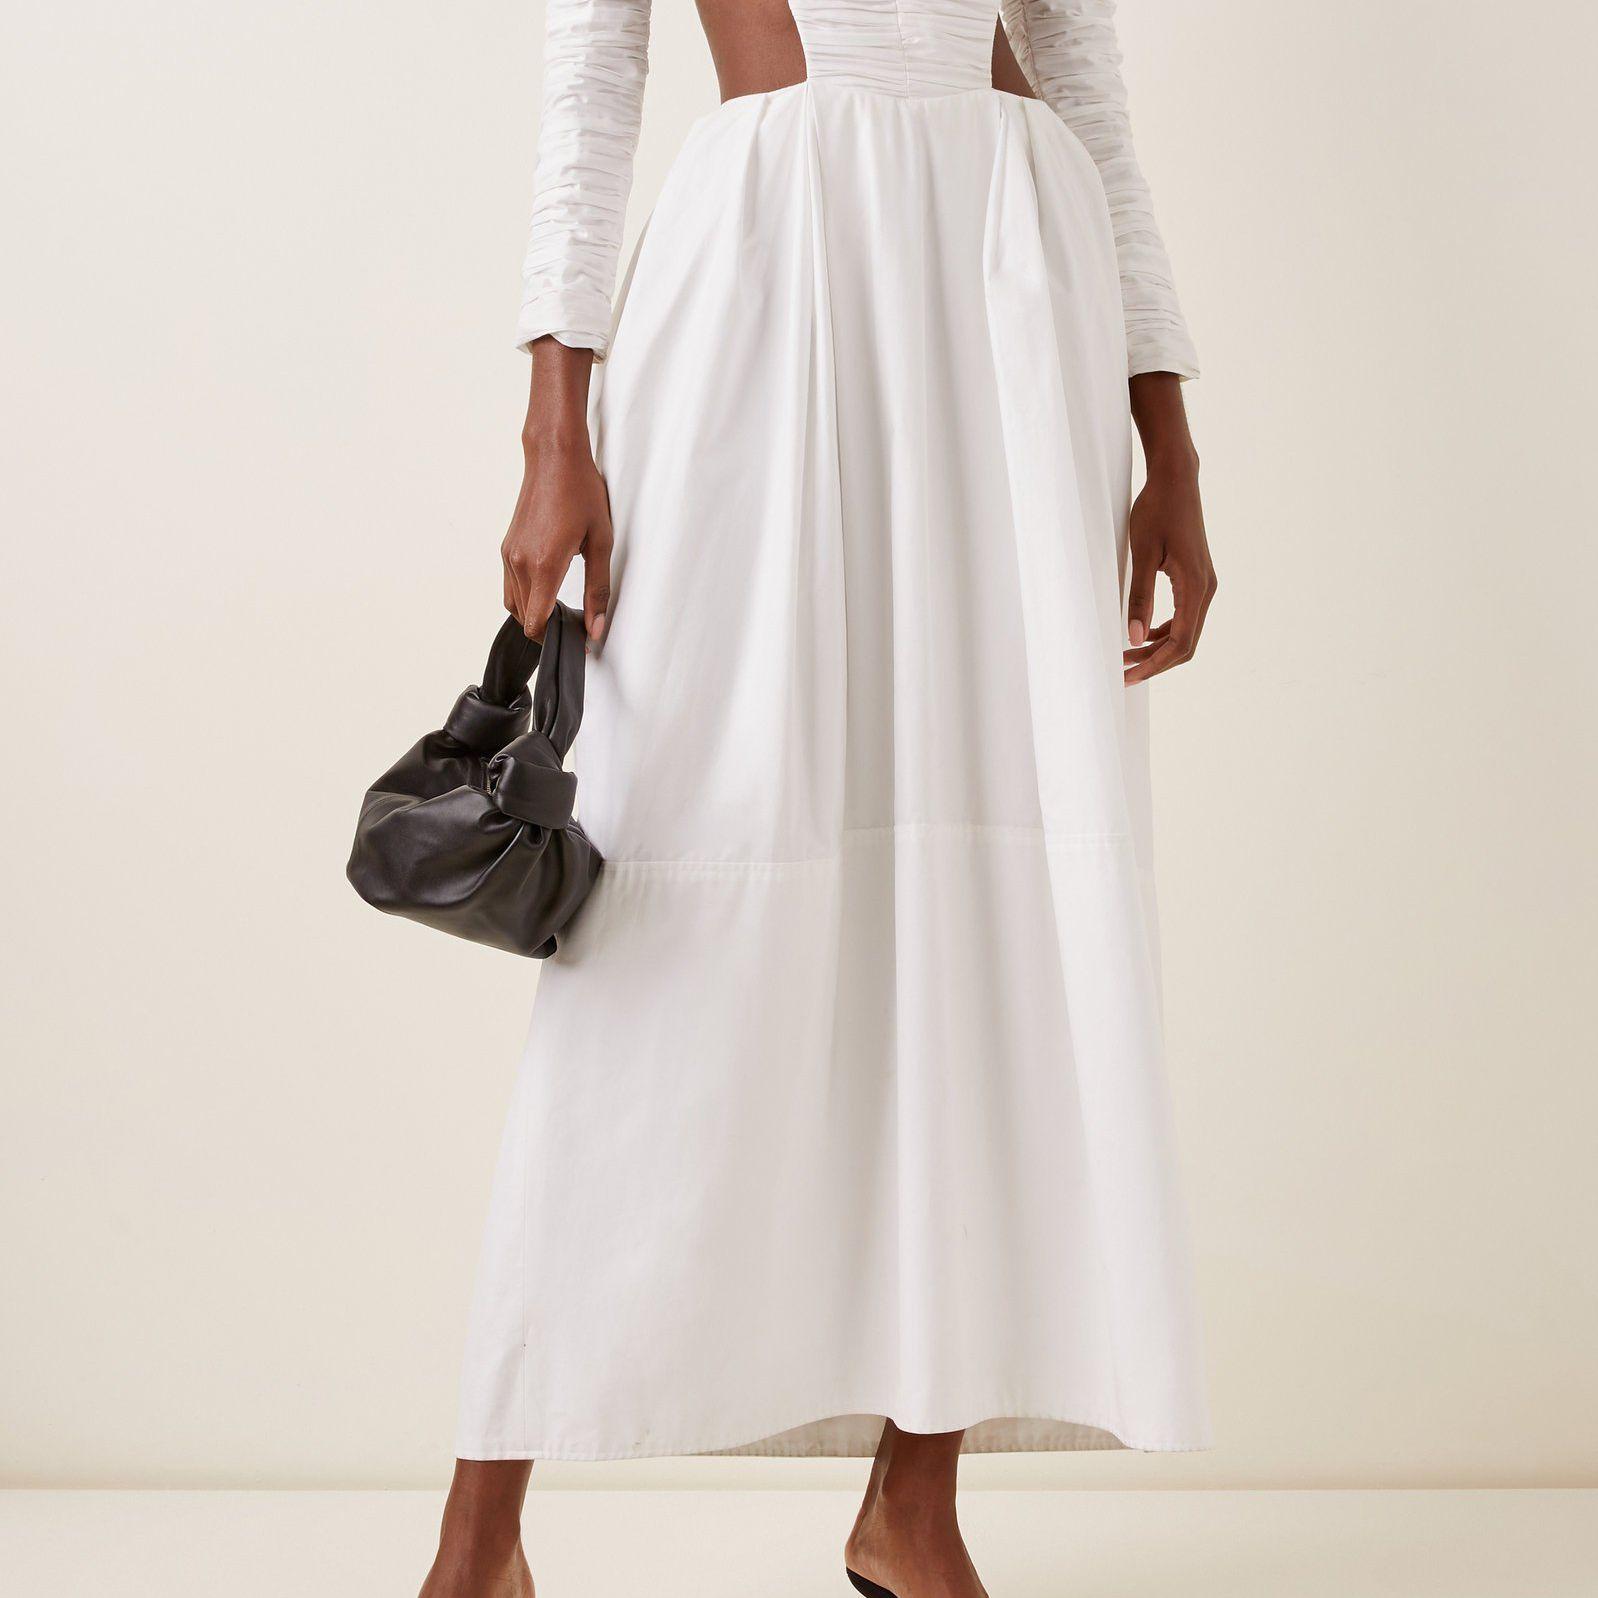 Khaite Rosaline Ruched Cotton Dress